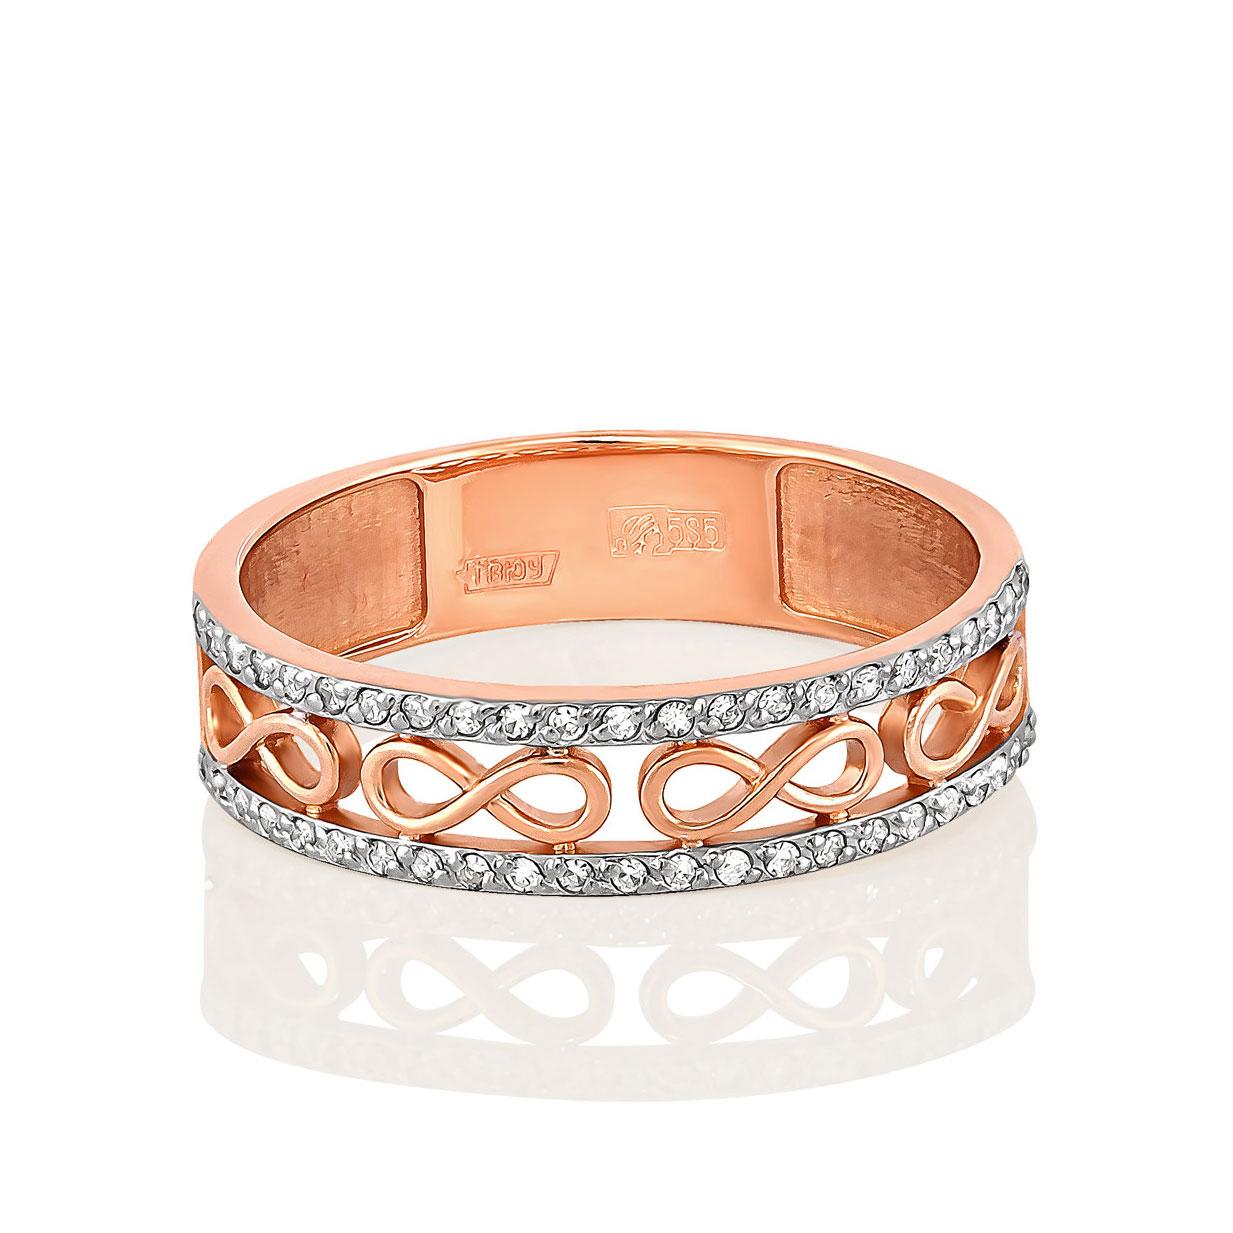 Обручальное кольцо из золота с бриллиантом арт. 1-0426-1000 1-0426-1000